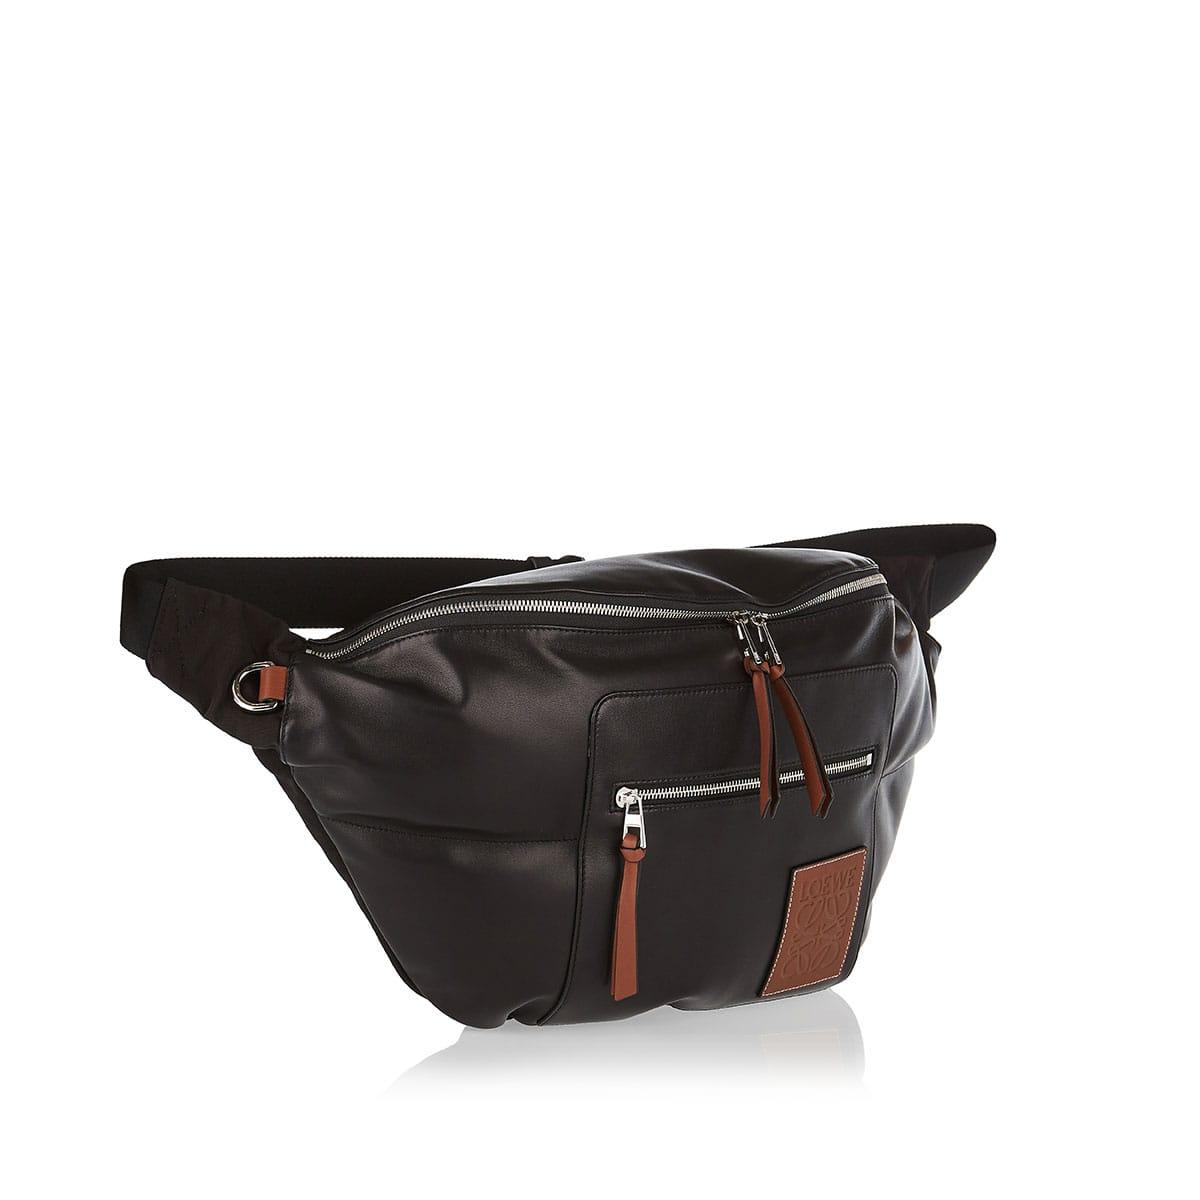 XL Puffy crossbody bag